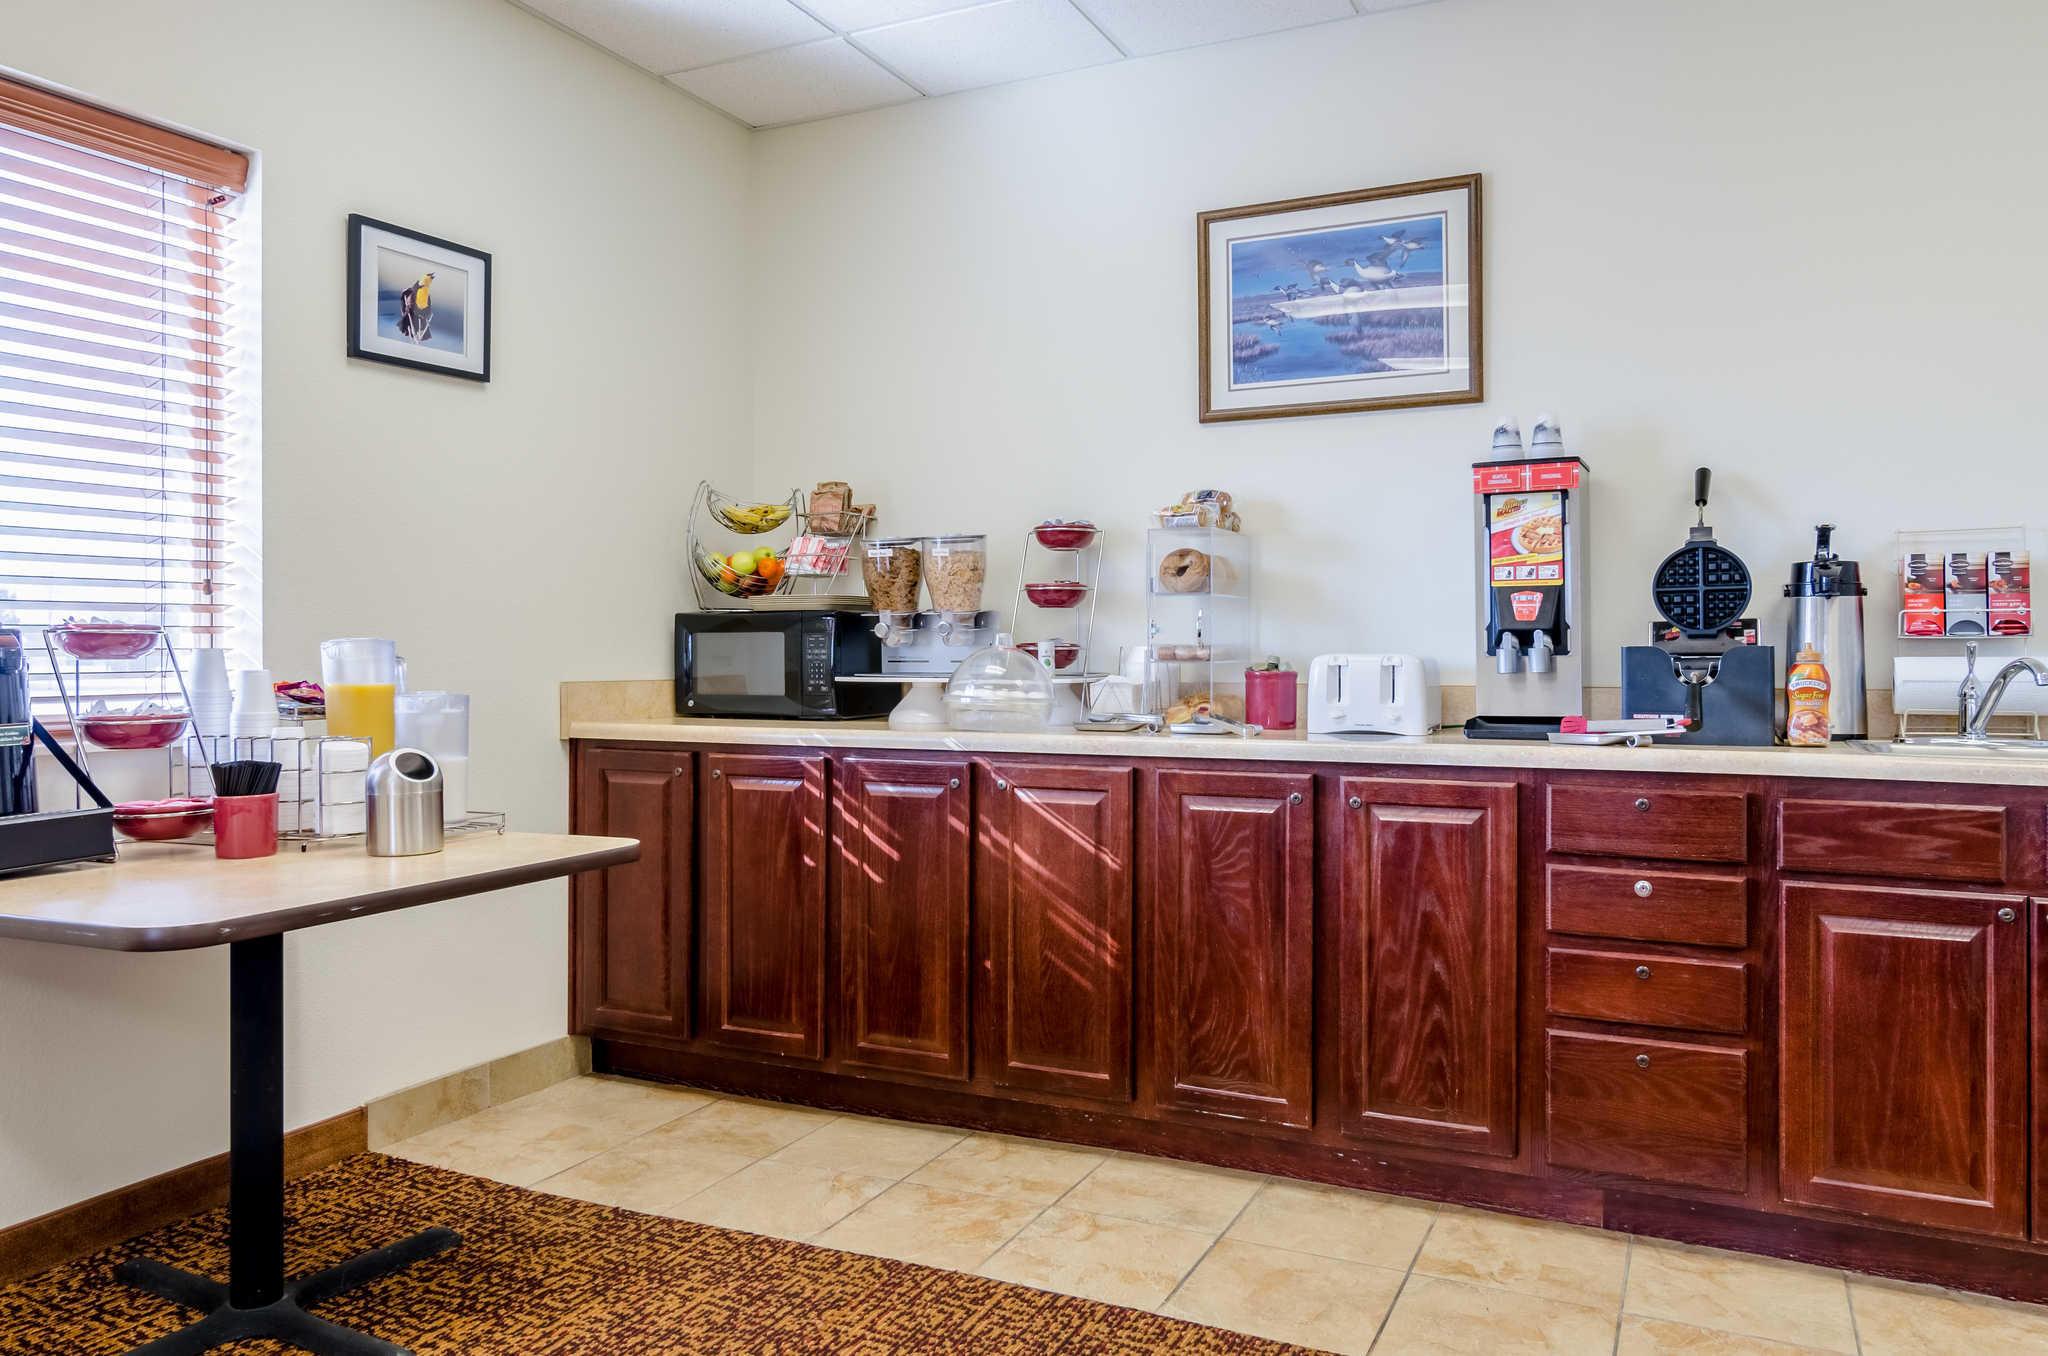 Rodeway Inn & Suites image 28